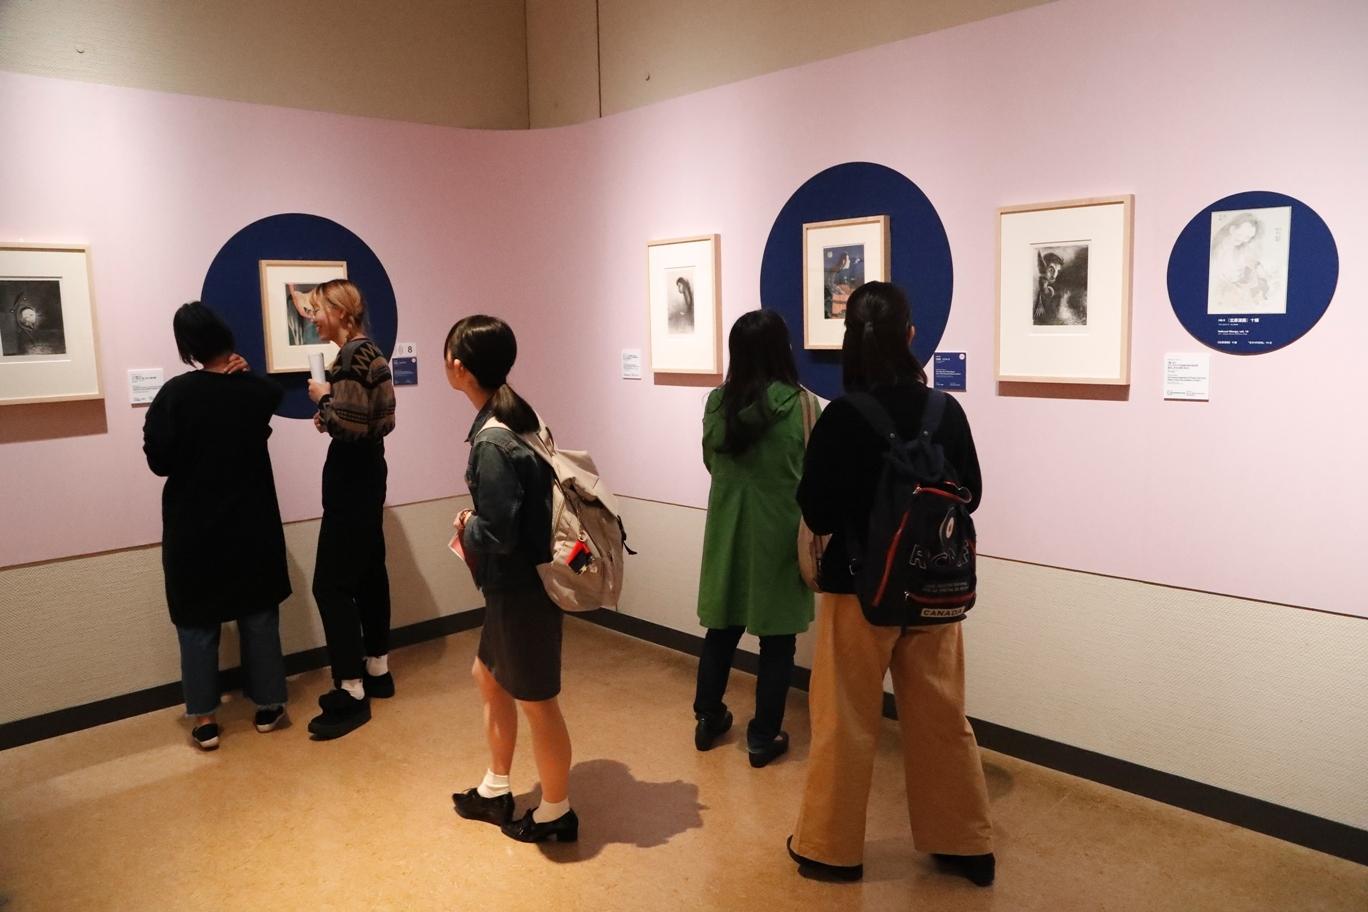 2017年「キヤノン・ミュージアム・キャンパス」の様子(国立西洋美術館「北斎とジャポニスム」展にて開催)